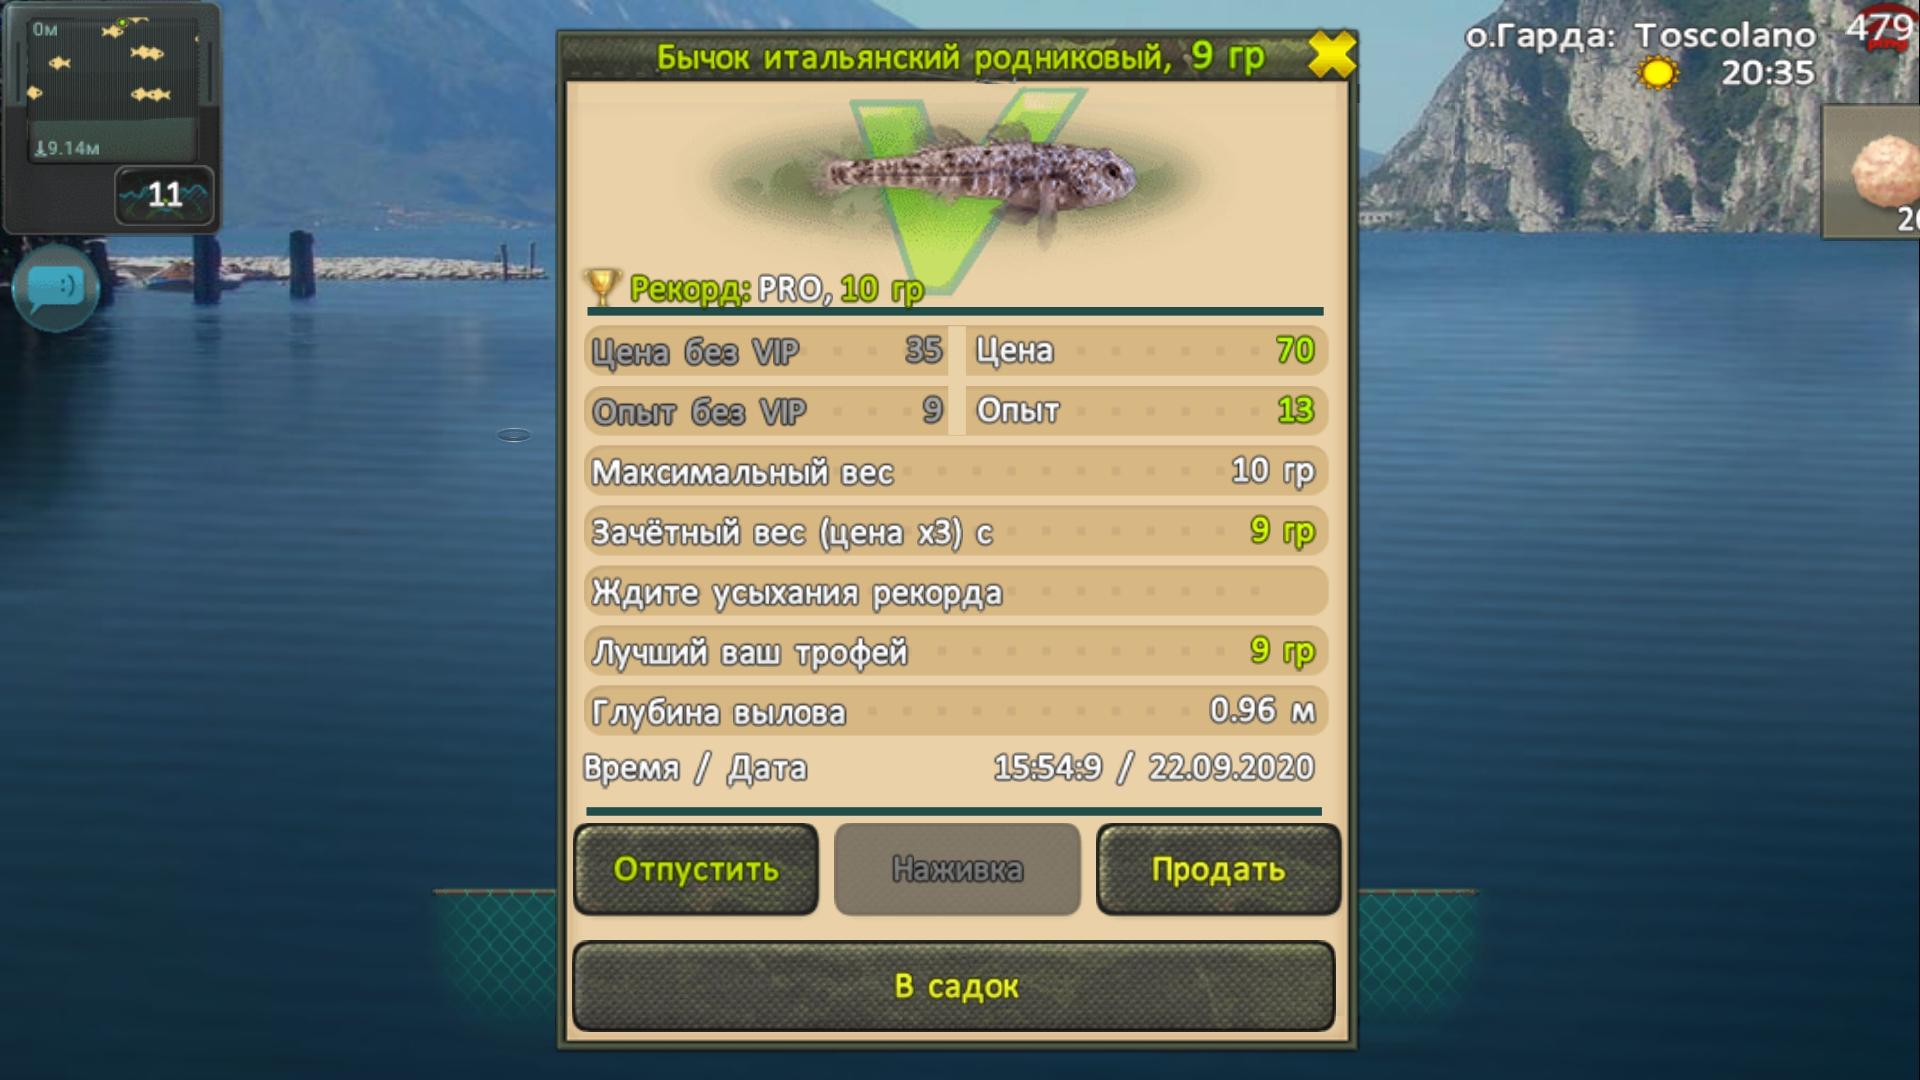 Screenshot-20200922-155412-World-of-Fish